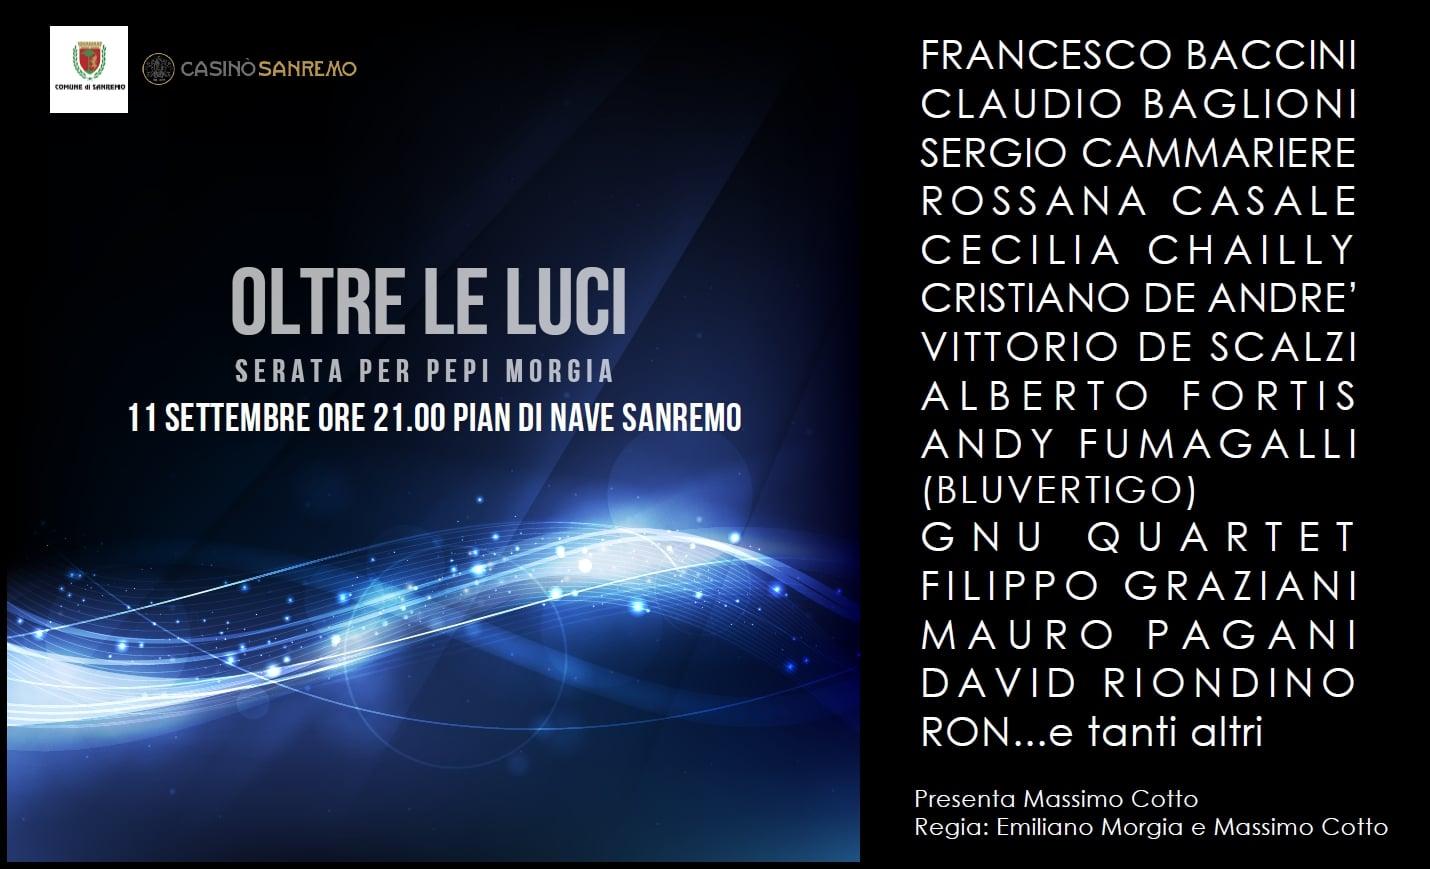 """Grandi nomi ospiti domenica 11 settembre, al """"Concertone"""" in programma dalle 21.00 a Pian di Nave a Sanremo. """"Oltre le luci"""" non vuole solo concludere in grande stile l'estate sanremese…"""